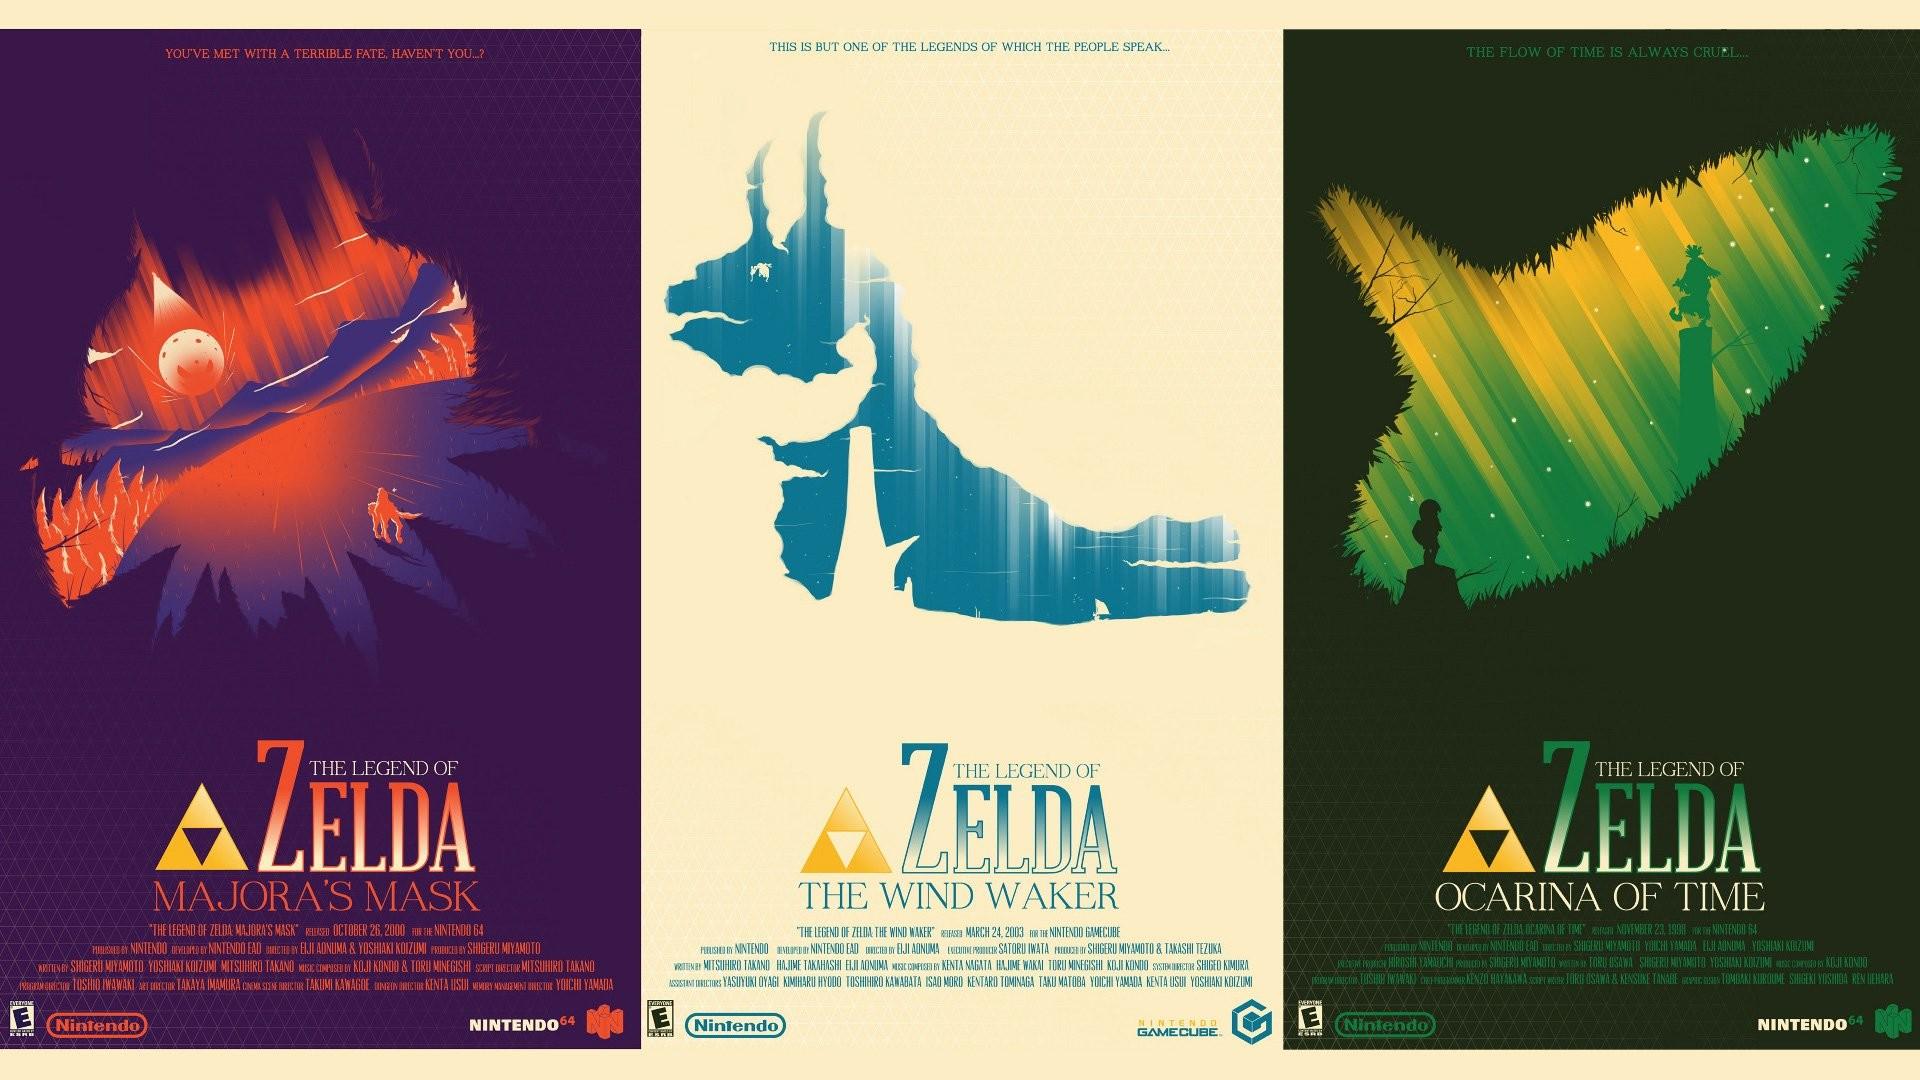 Video Game – The Legend Of Zelda The Legend Of Zelda: Majora's Mask The  Legend